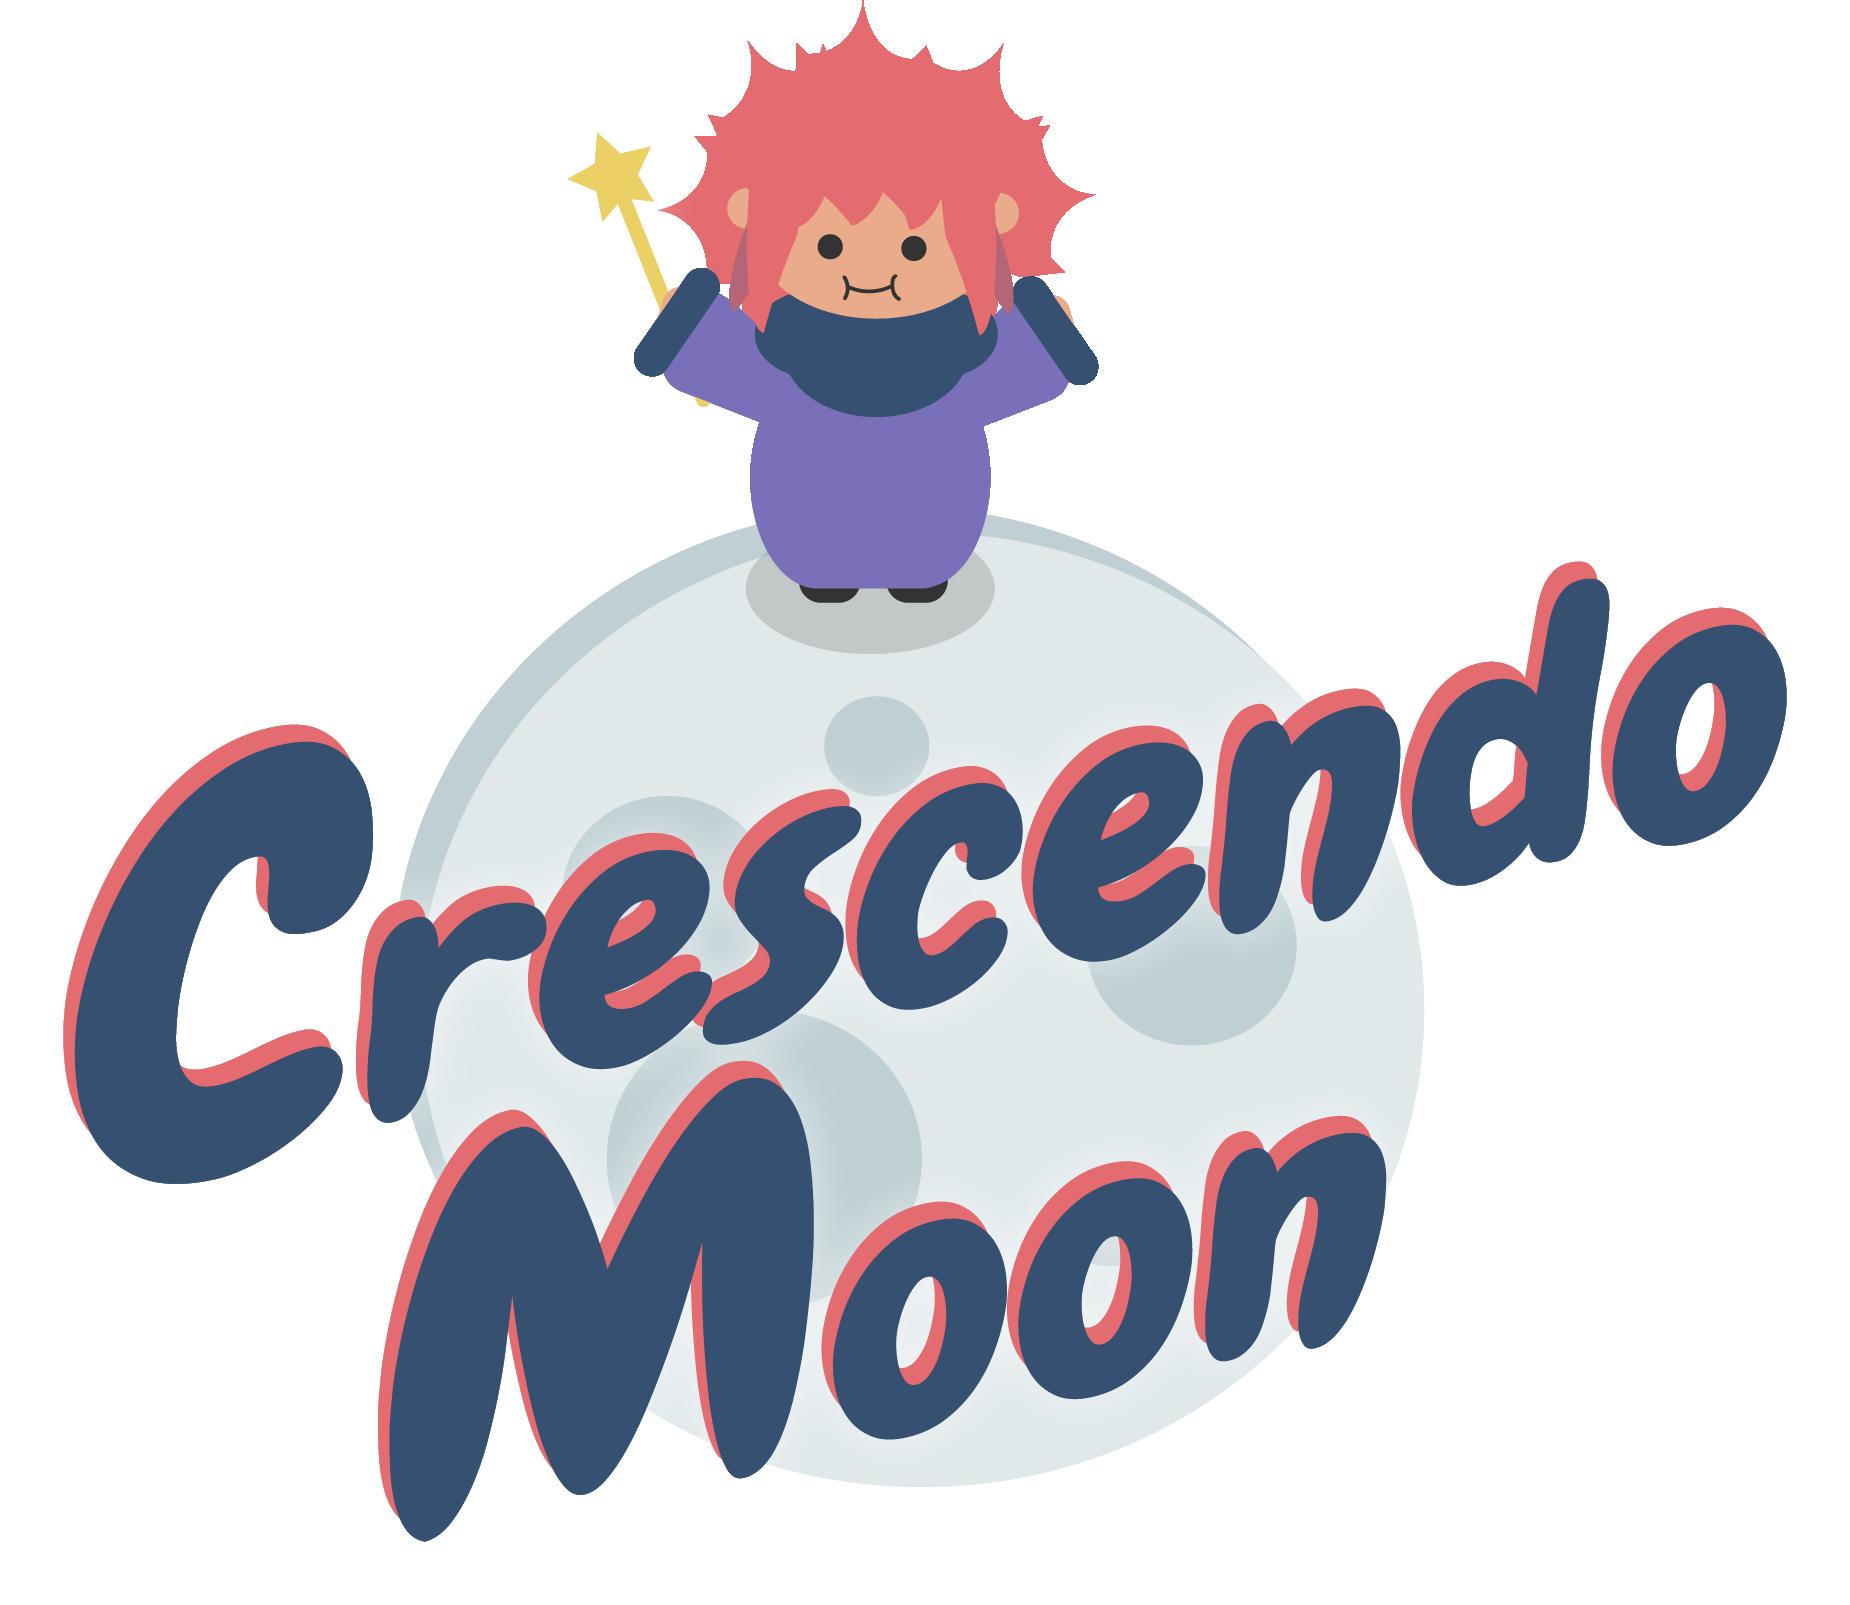 Crescendo Moon